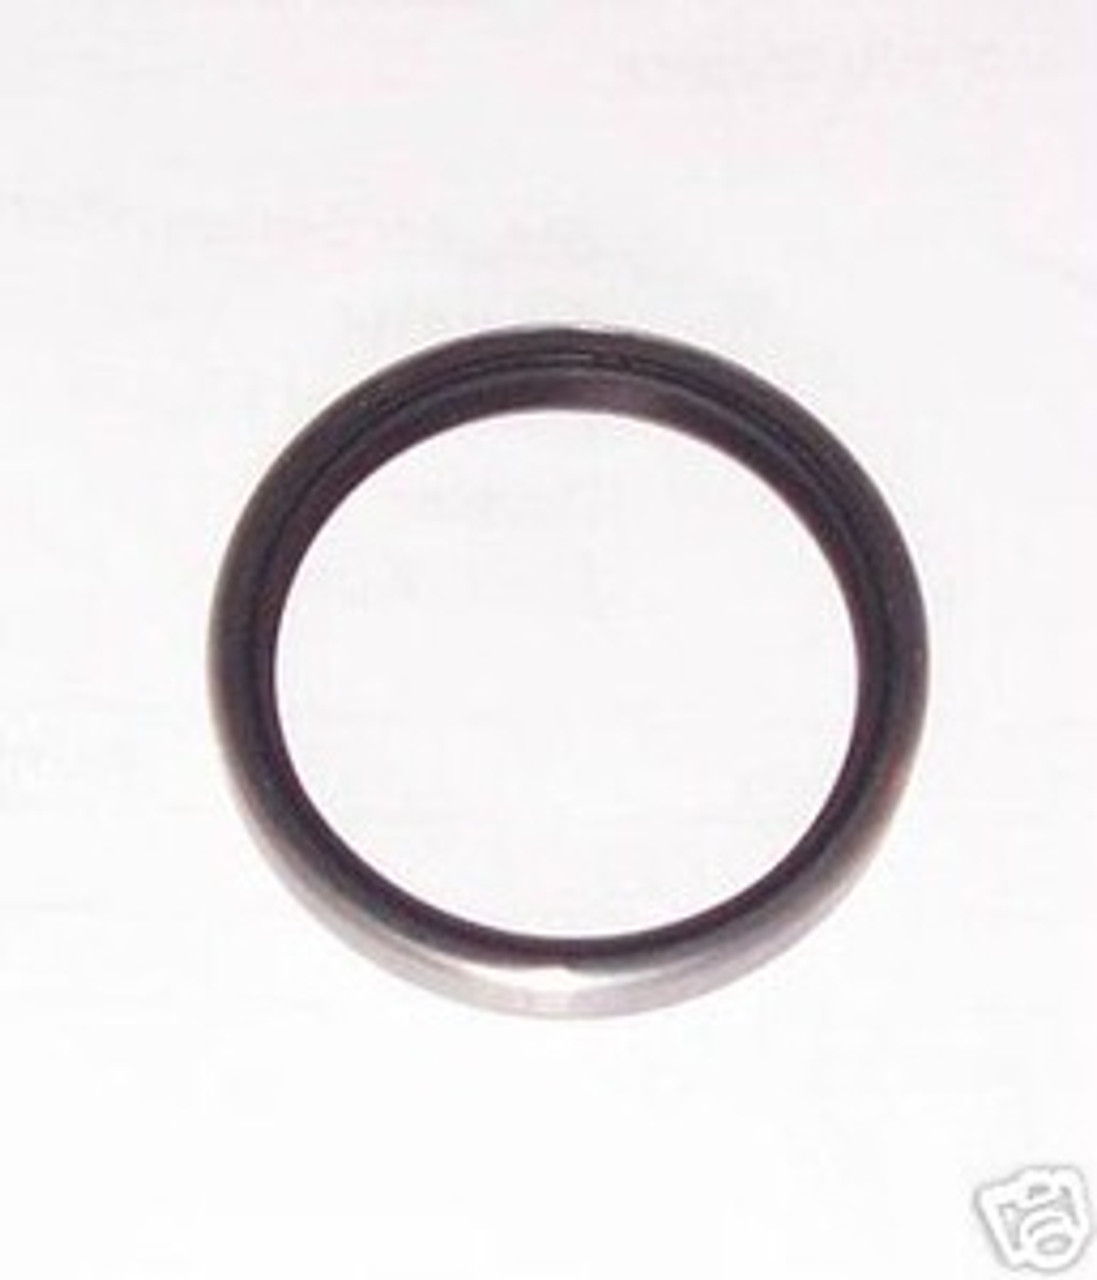 Massey Ferguson Multipower Sealing Ring 186198m1 3699909m1